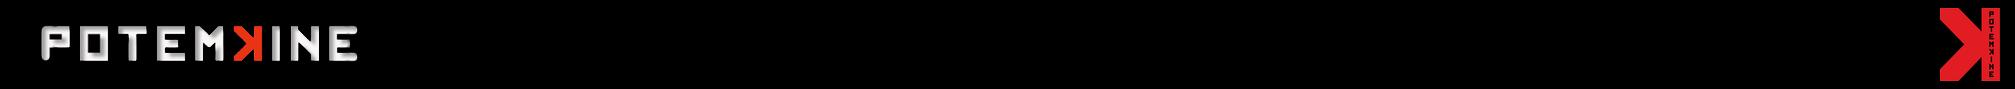 Potemkine